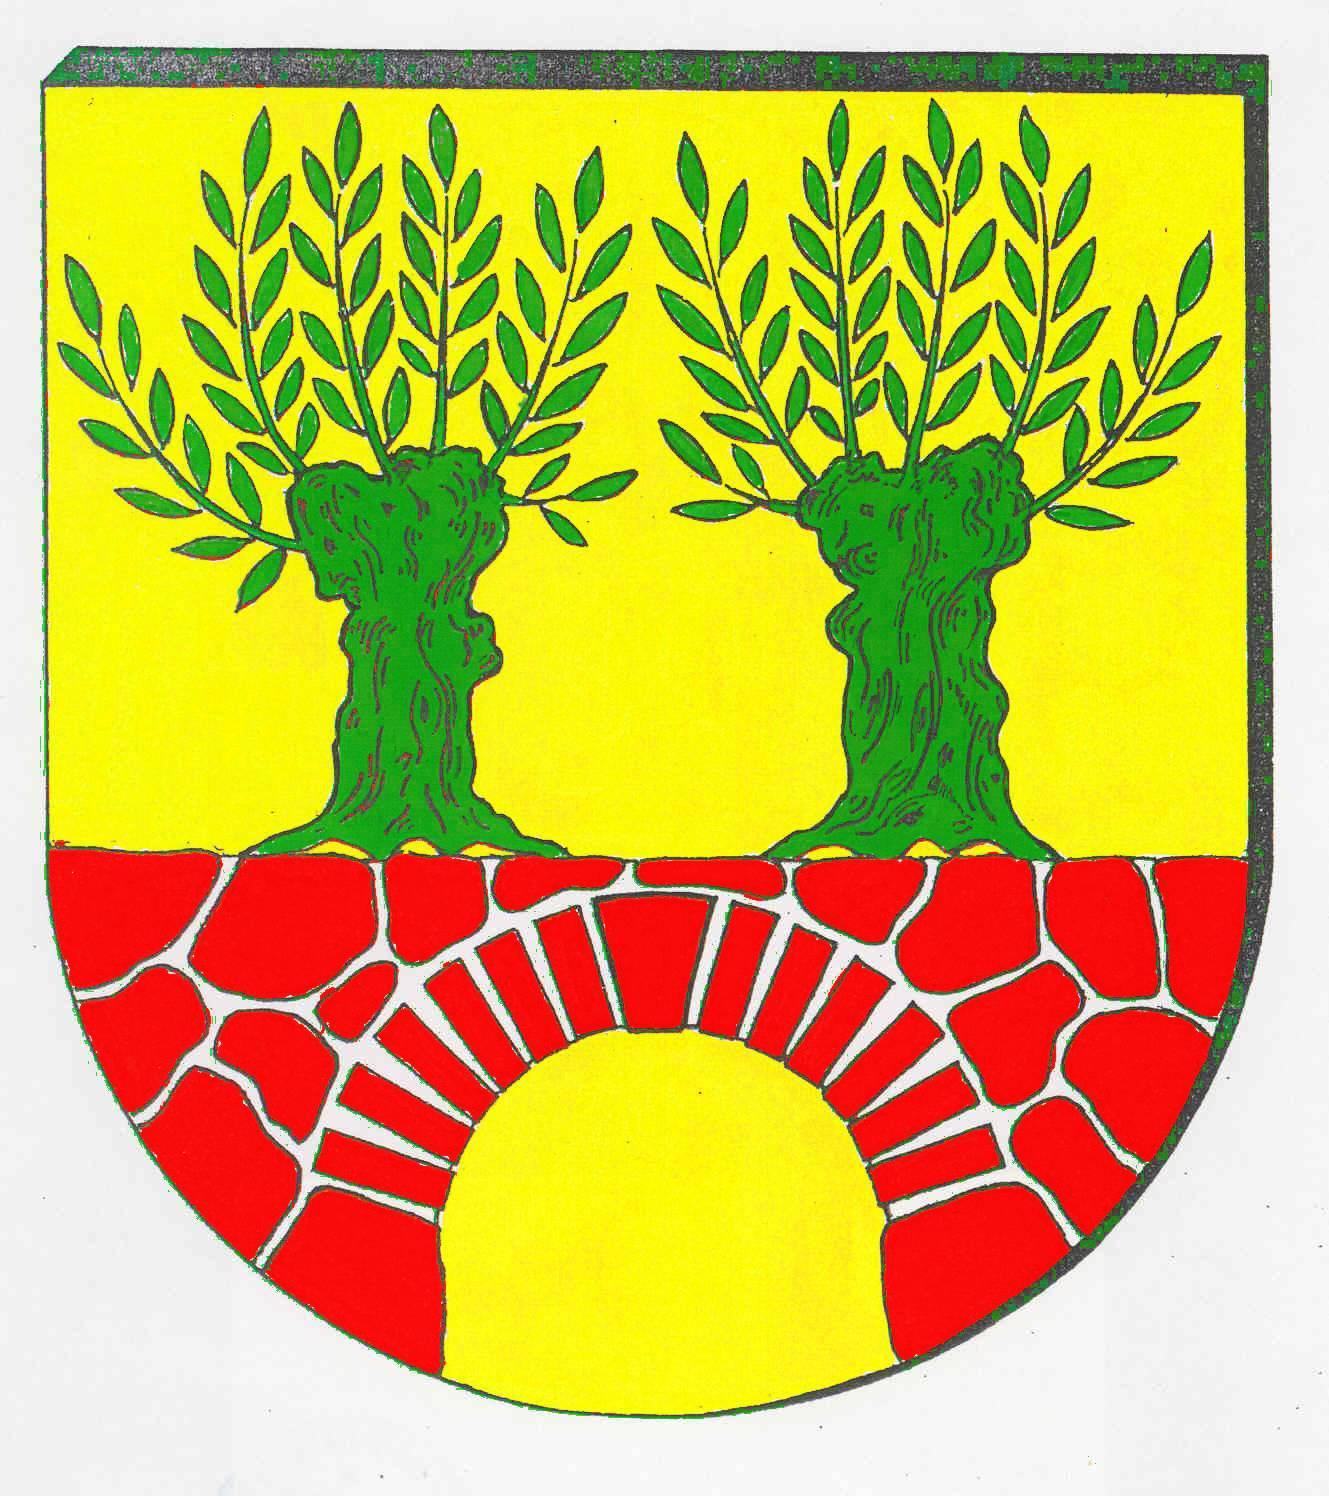 Wappen GemeindeMechow, Kreis Herzogtum Lauenburg